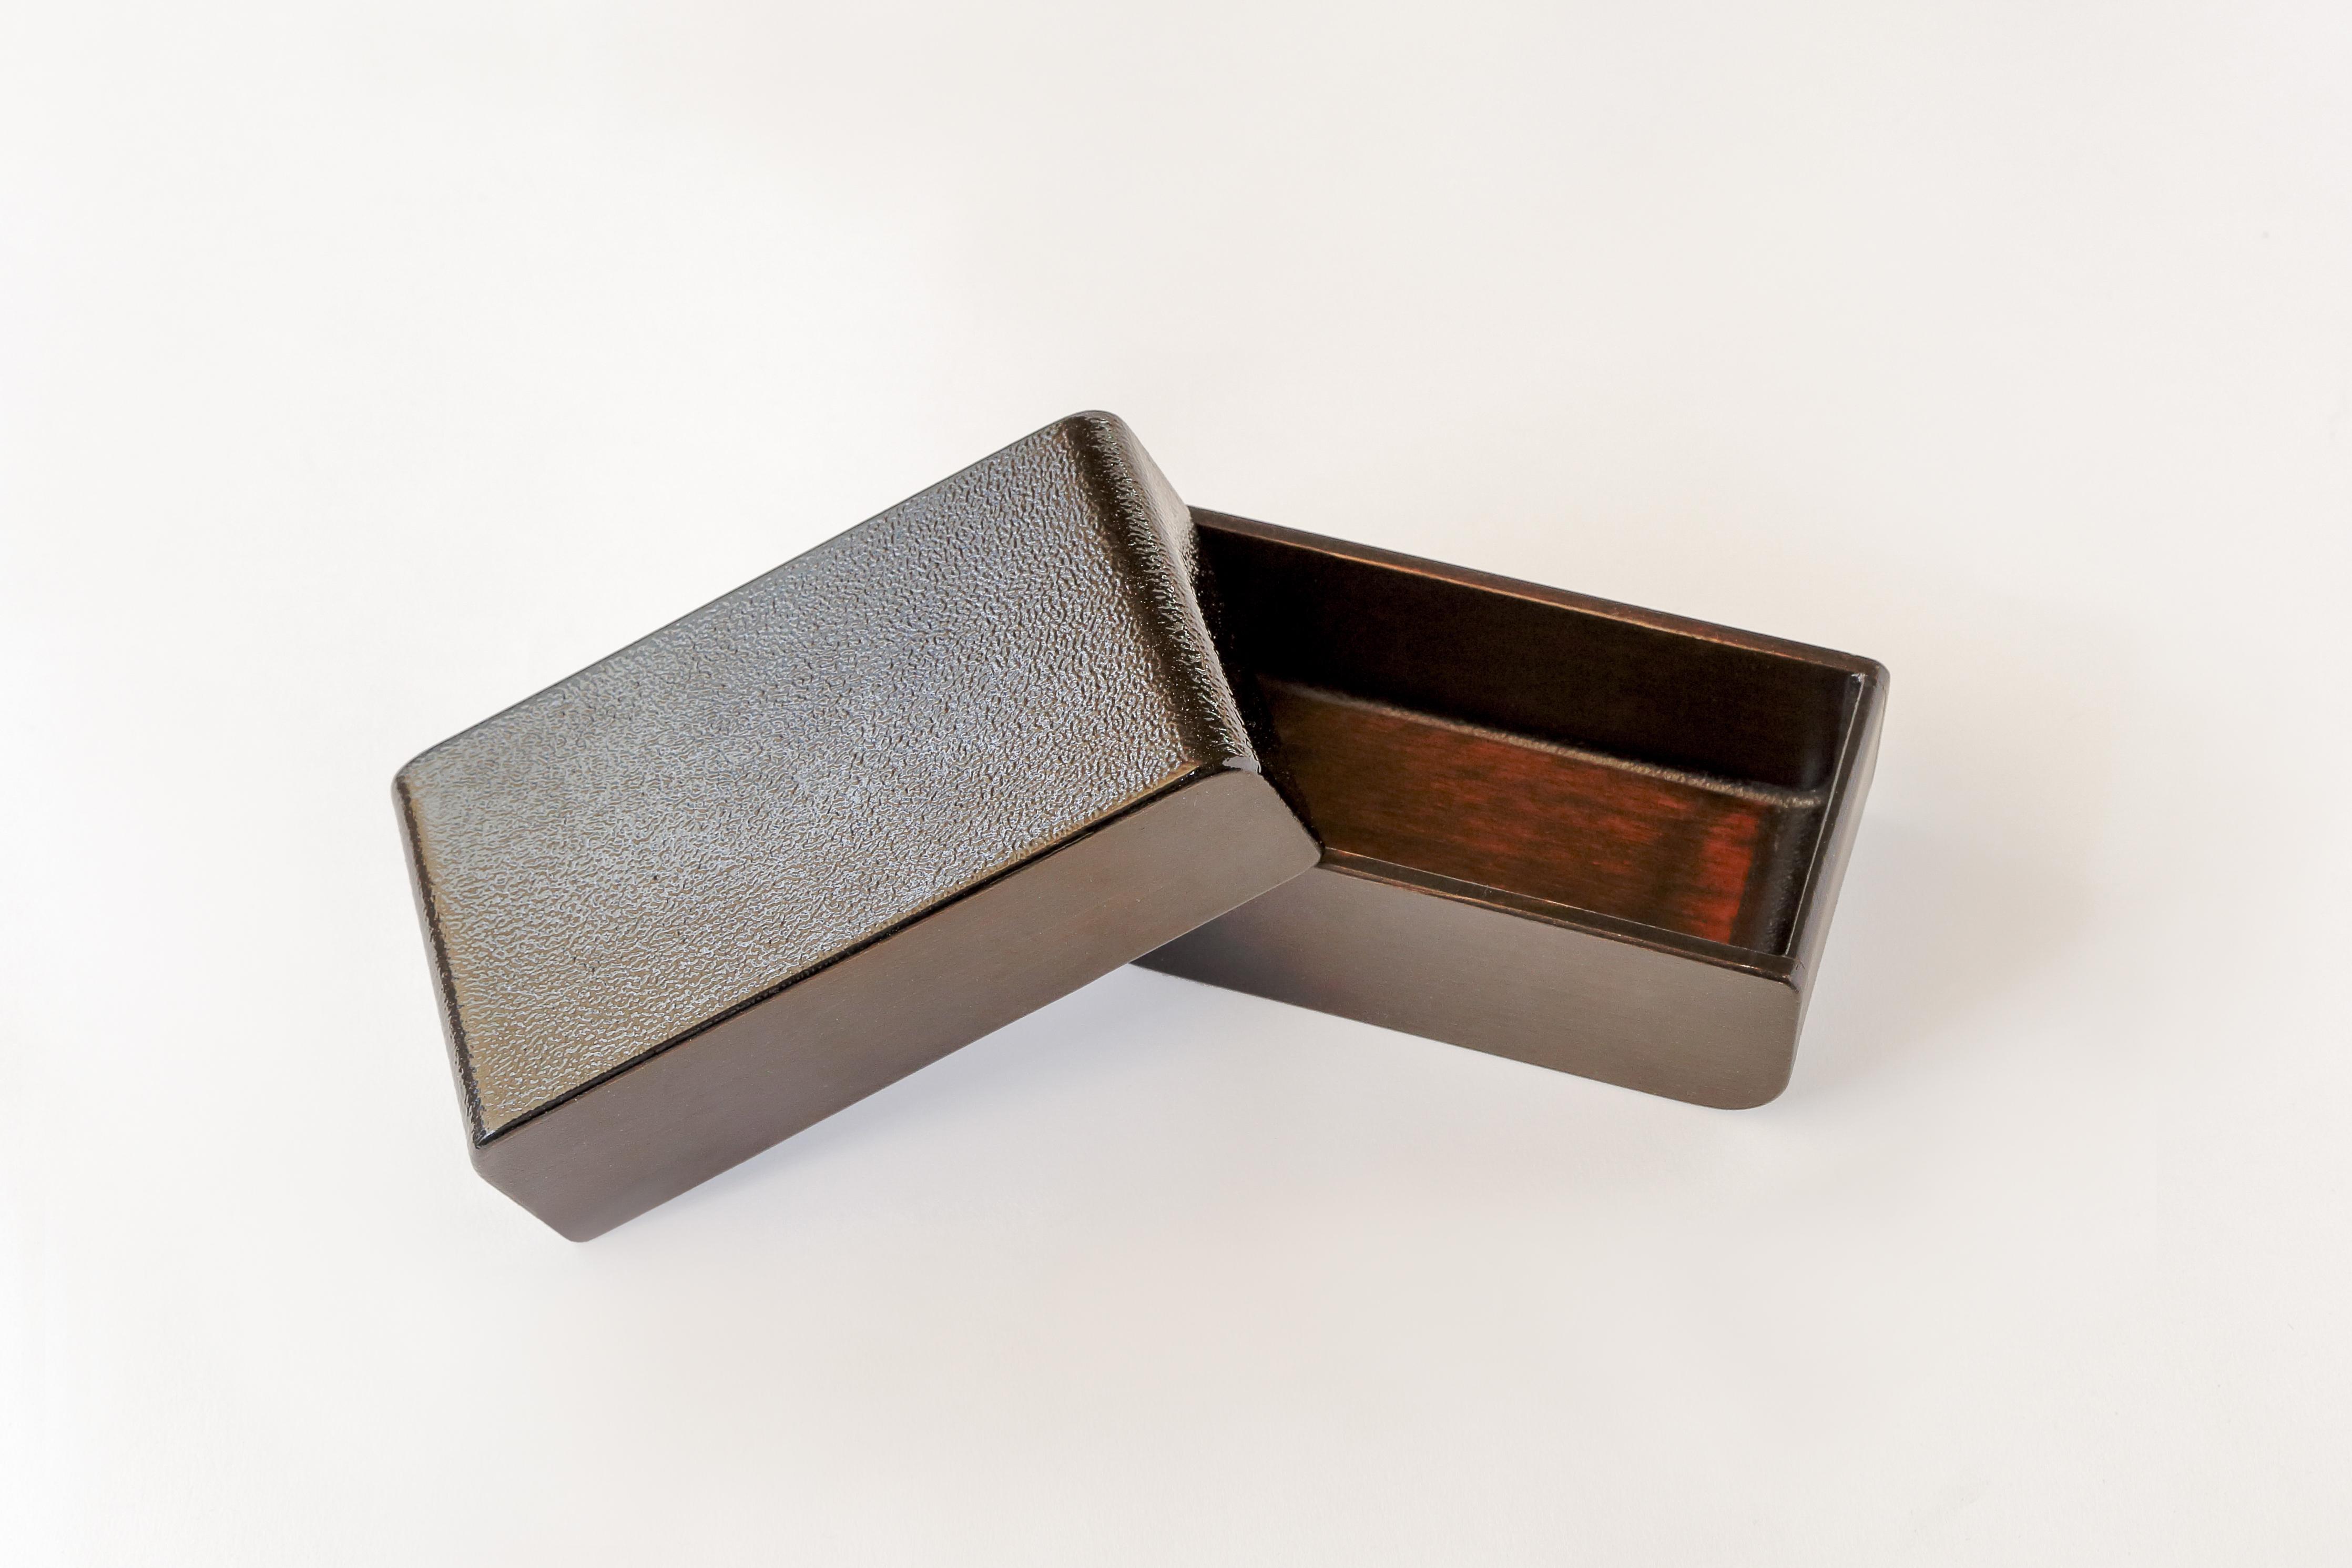 カブセル 弁当箱 黒漆たたき仕上げ(小)